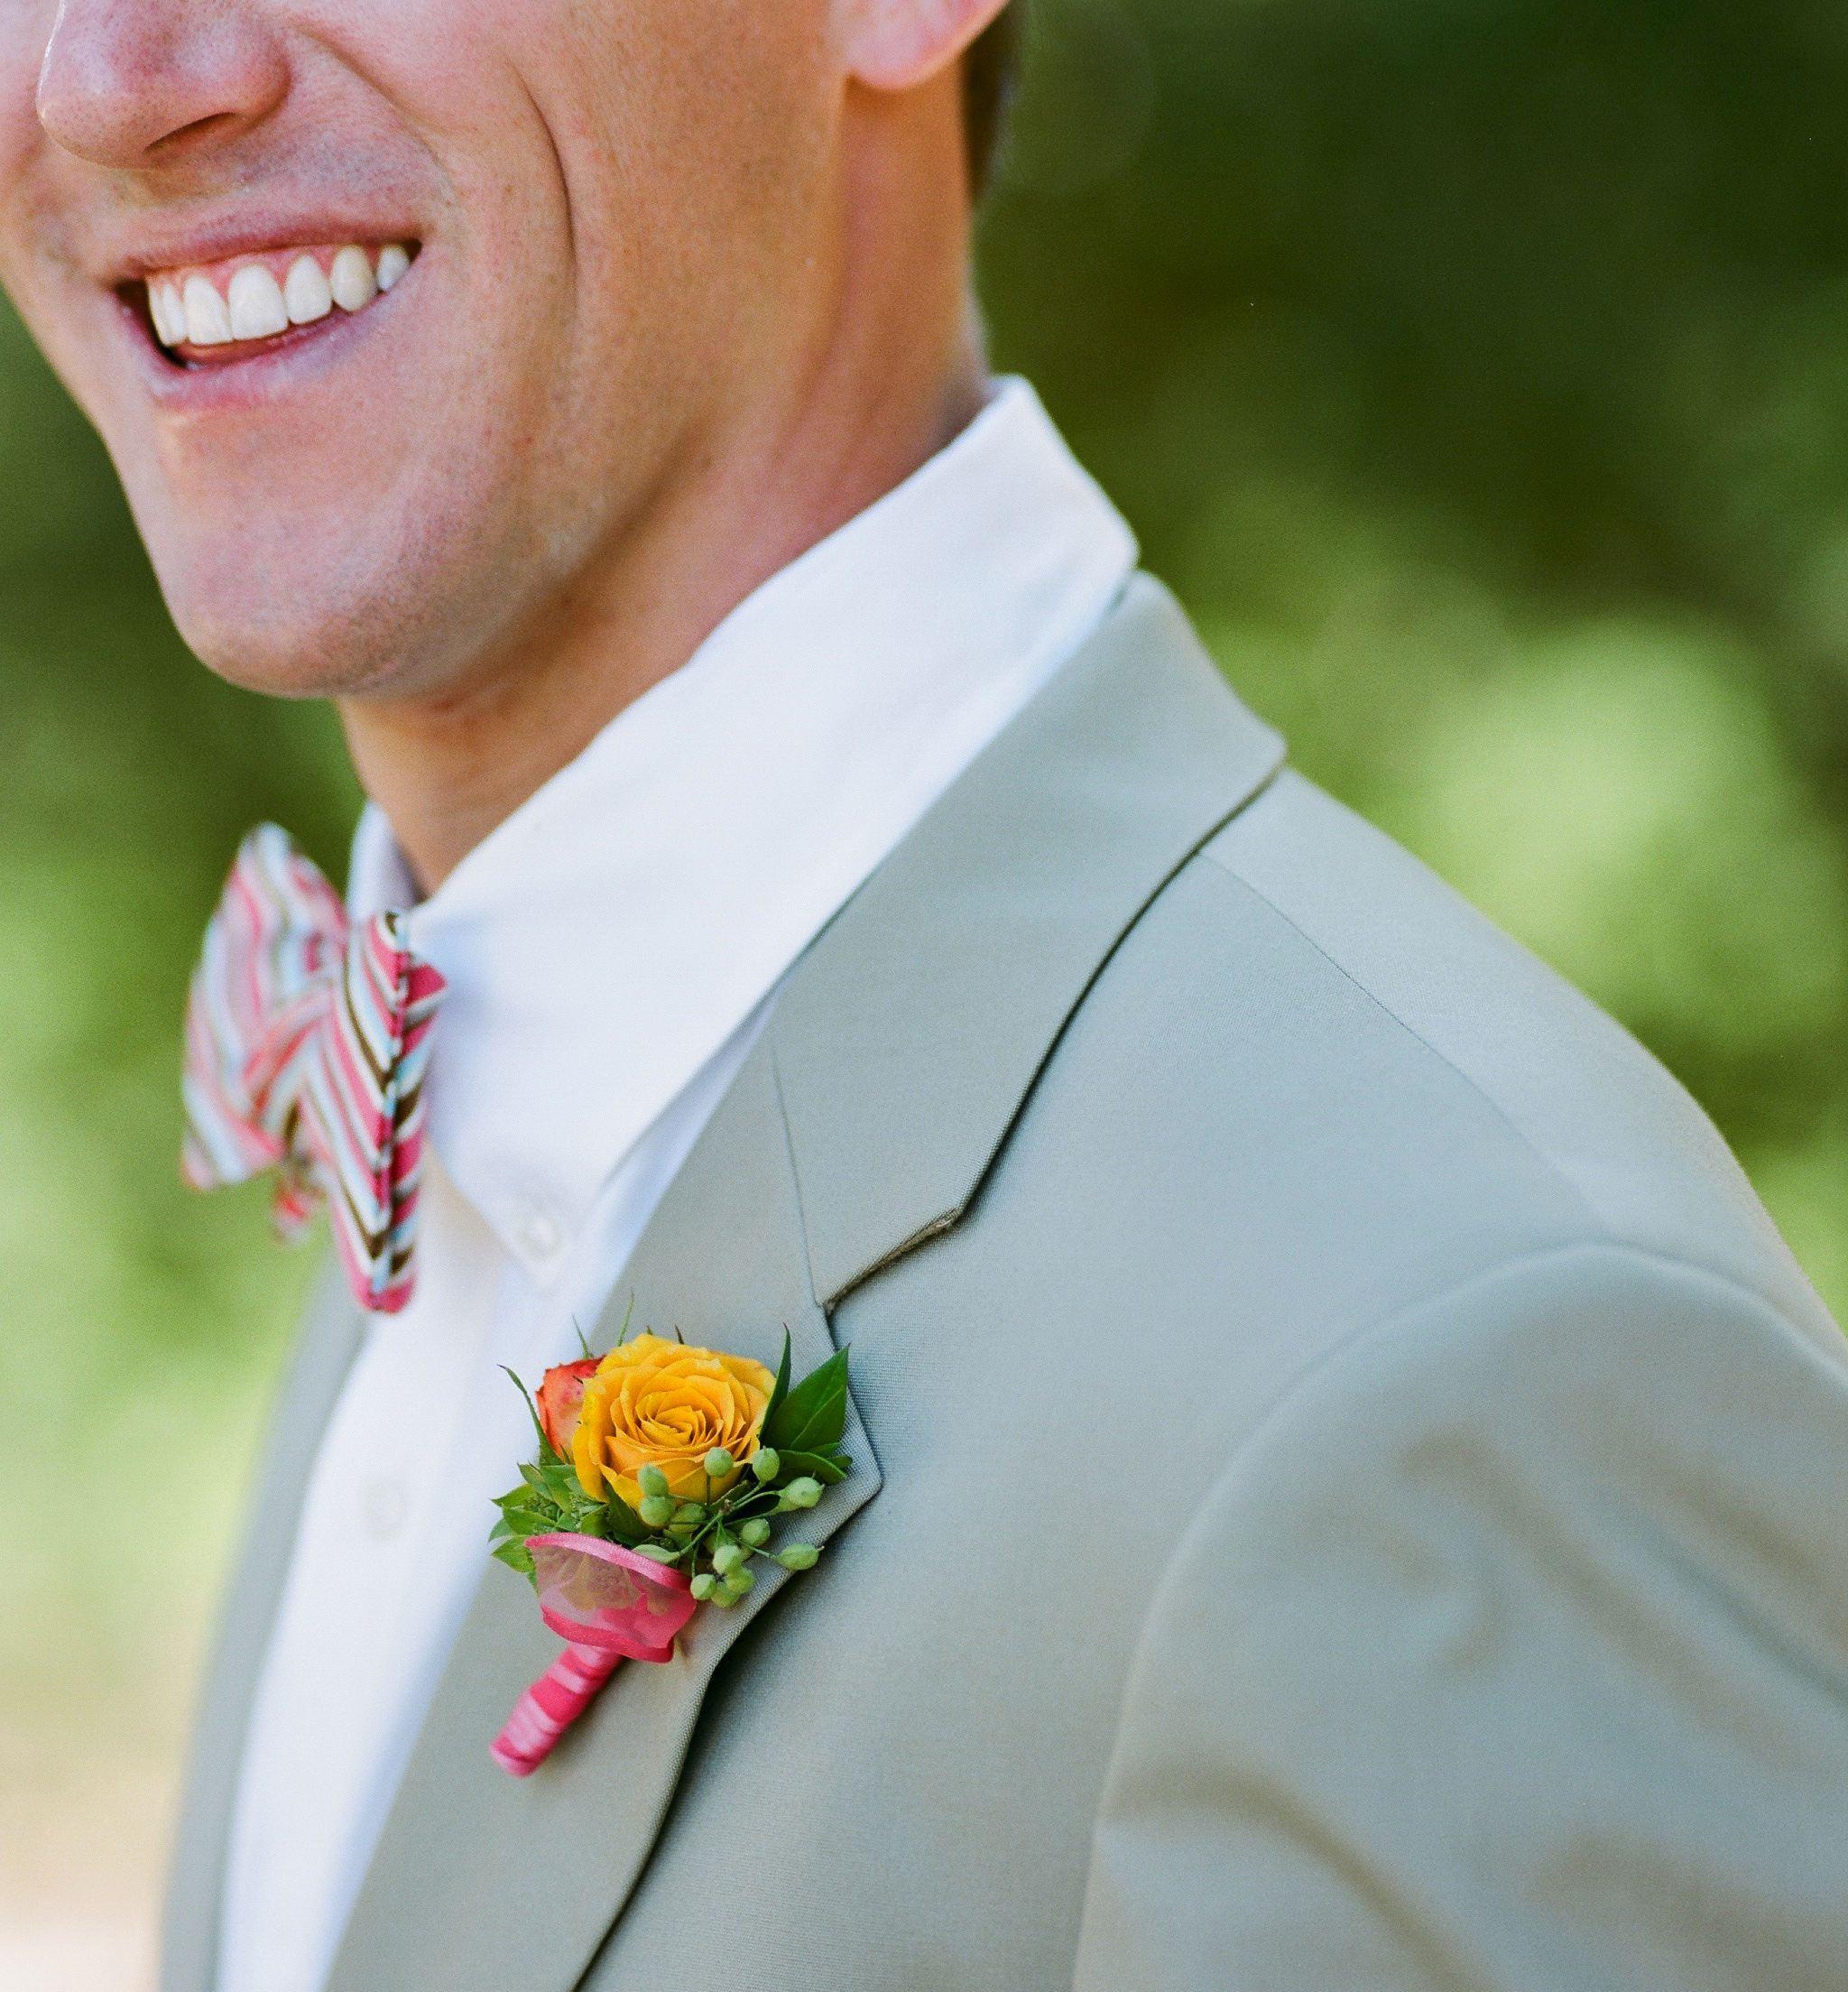 Bright orange wedding boutonniere